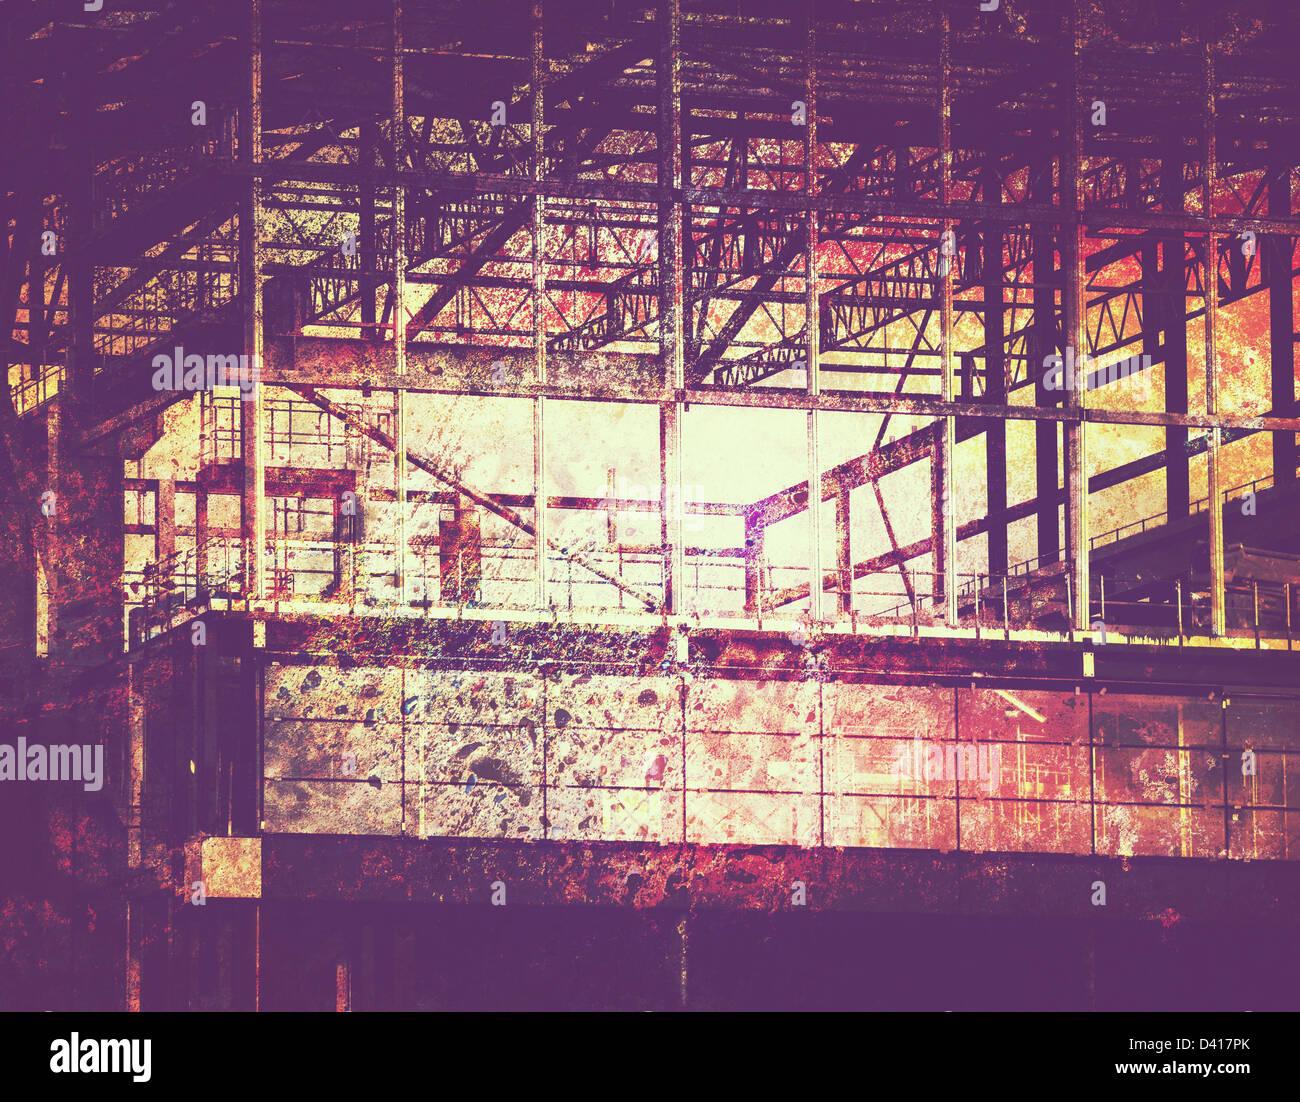 grunge construction - Stock Image